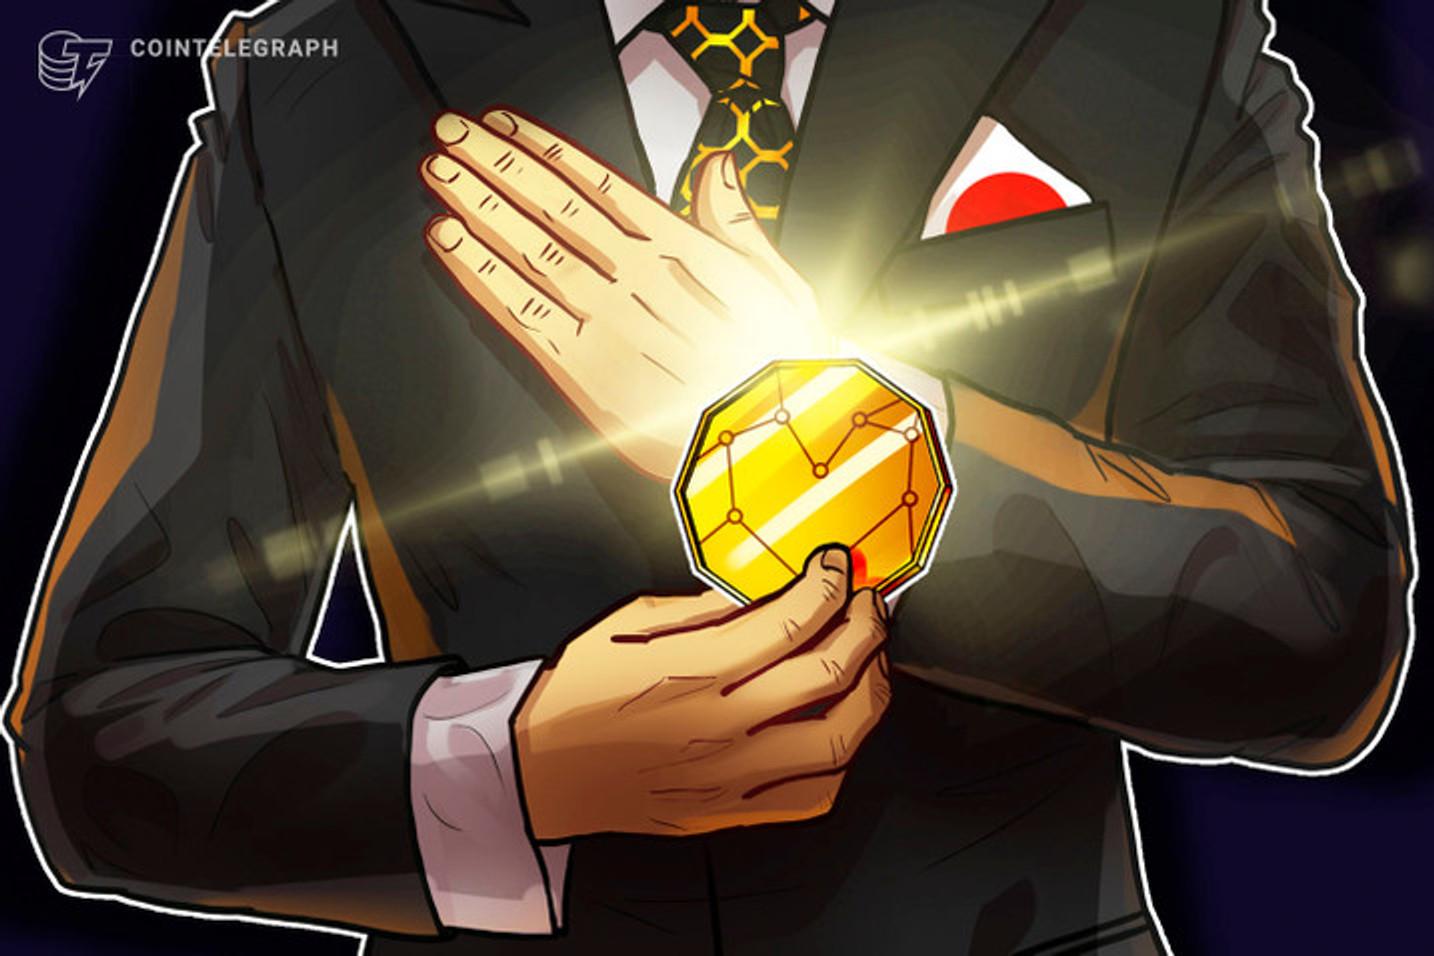 新型コロナ10万円給付金  仮想通貨への流入は?日本の取引所3社に聞く